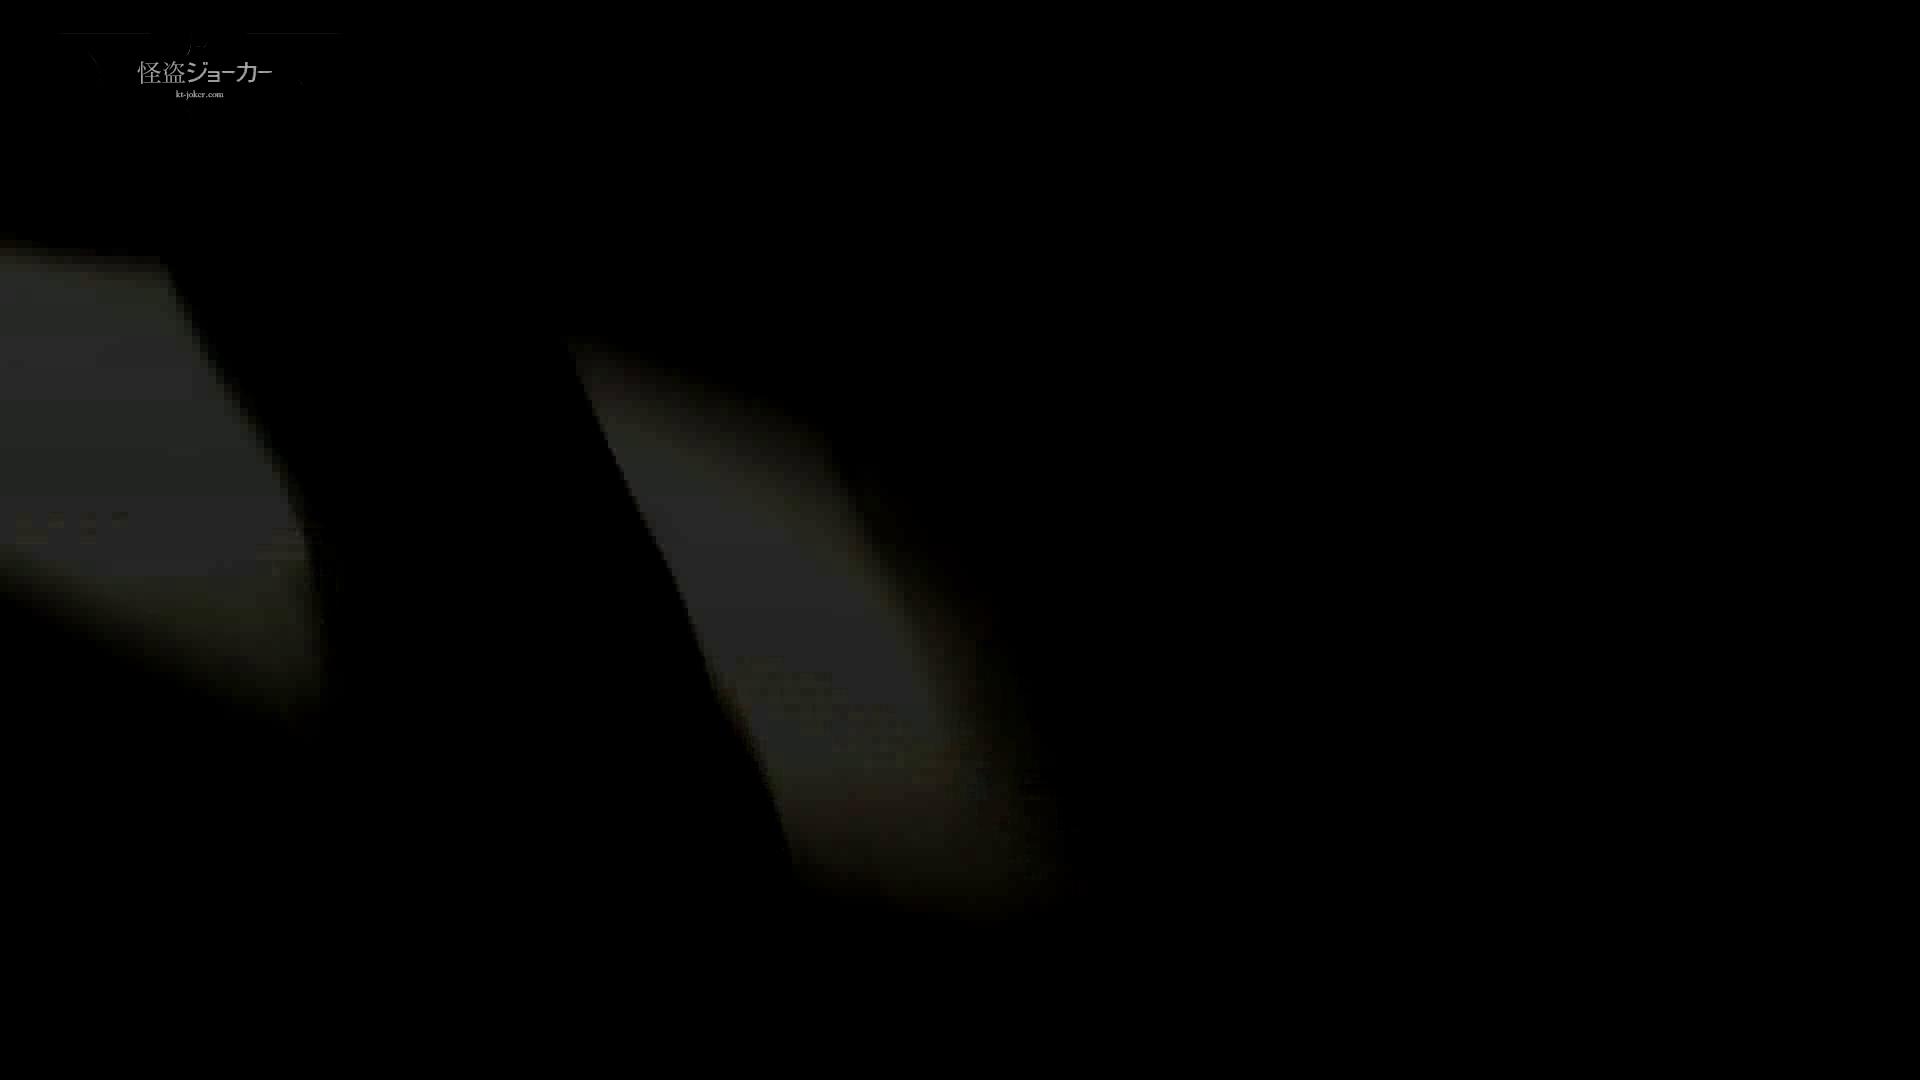 ギャルのツルピカ潜入盗撮!Vol.04 盗撮  89PIX 84